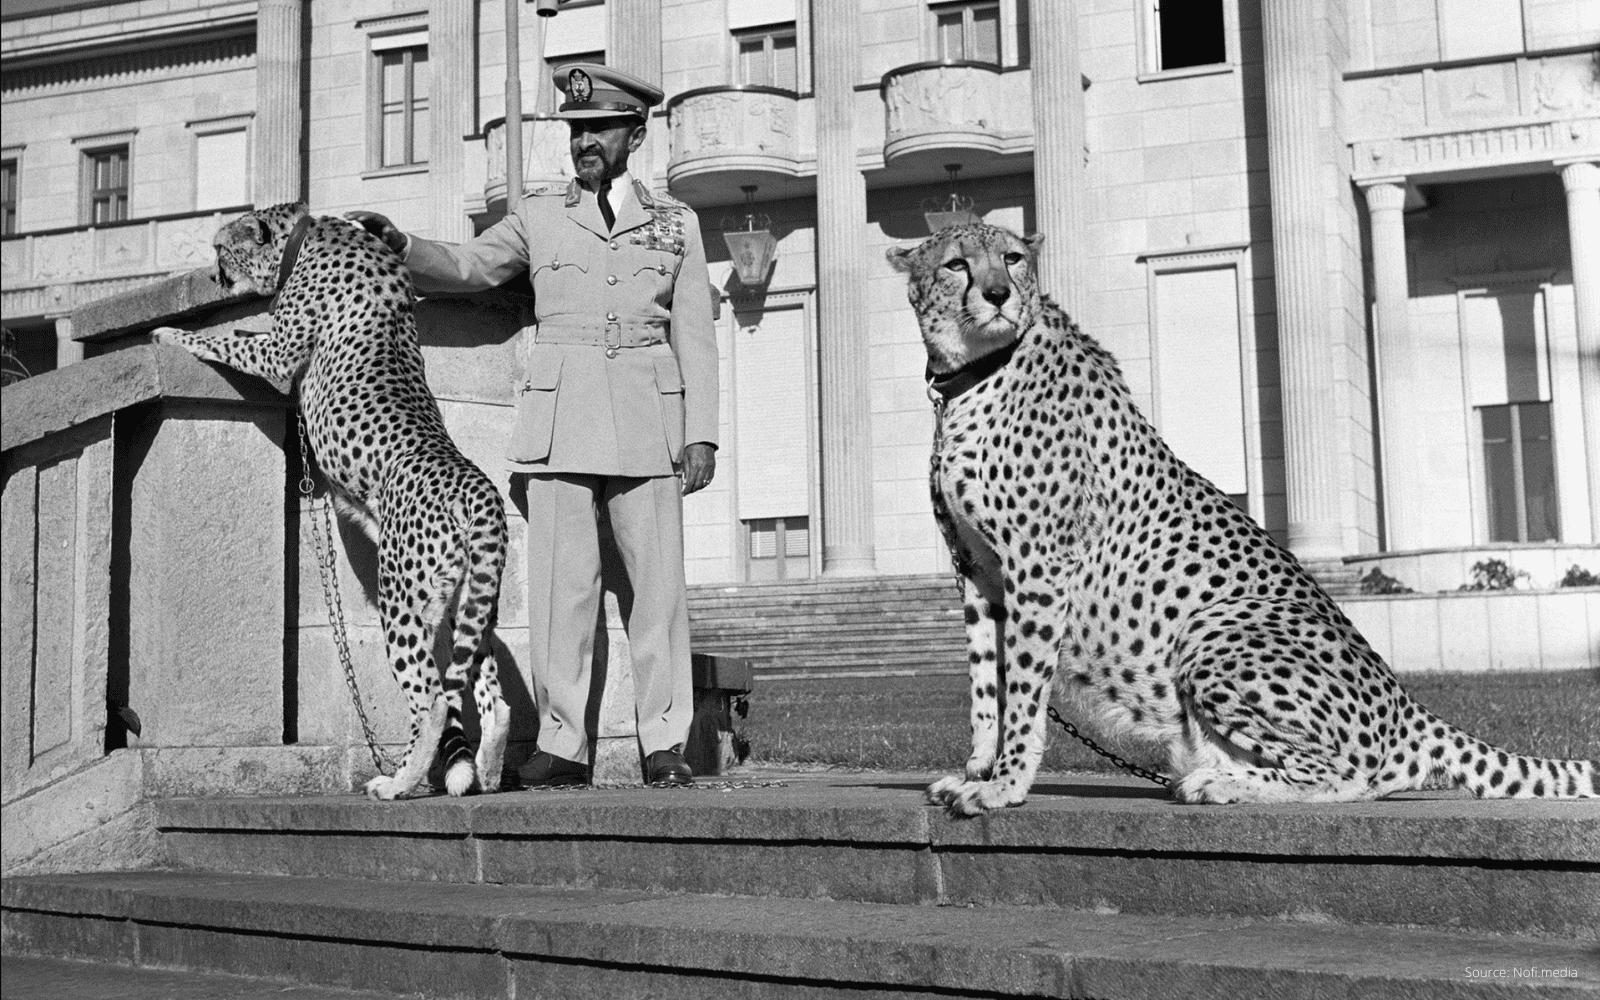 L'empereur Haile Selassie avec debout sur les marches de son palais accompagné de deux leopards